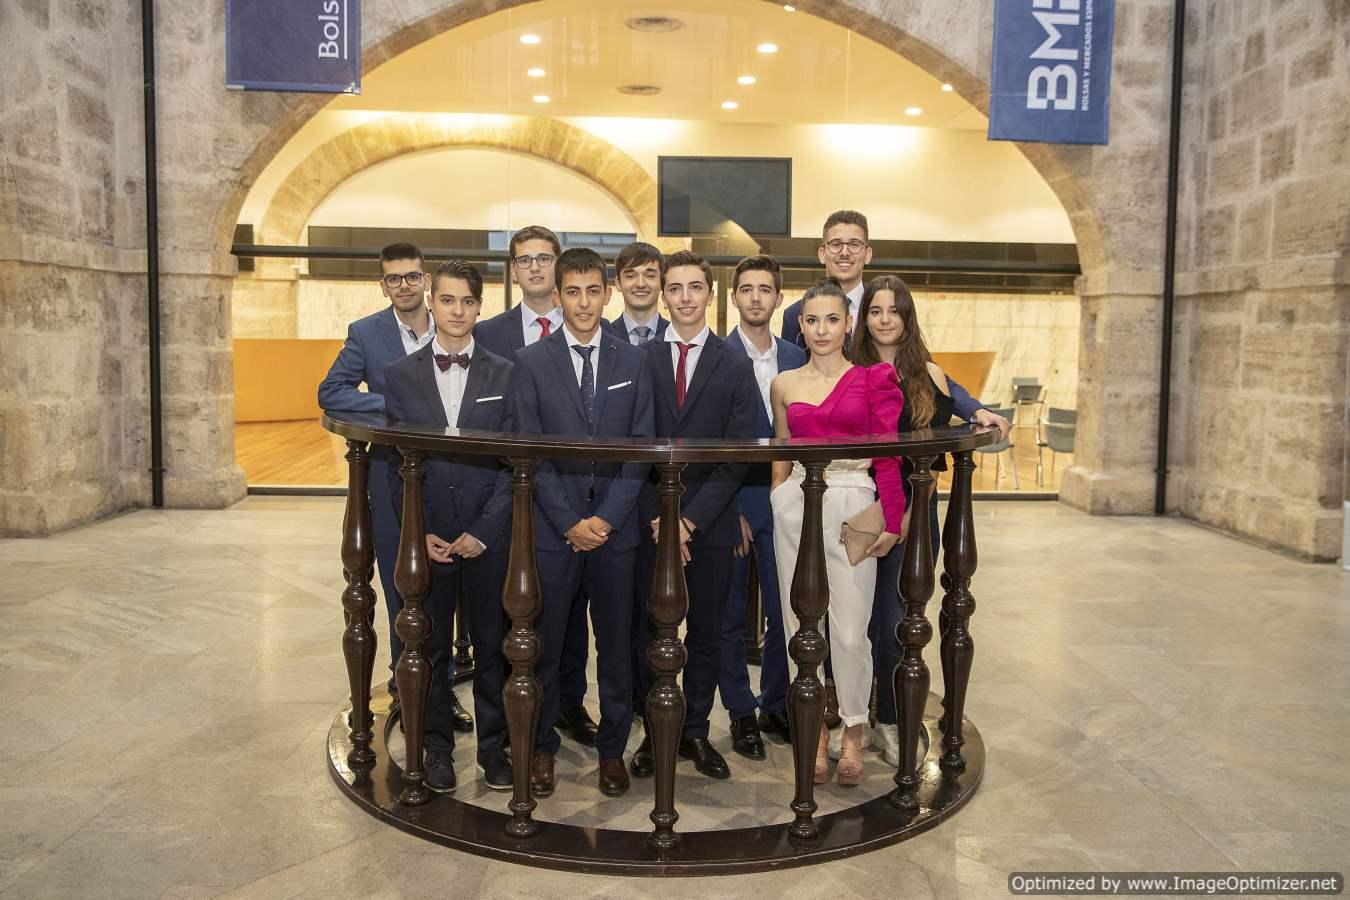 Lliurament de Diplomes de la XVII Edició de la Fase Local de l'Olimpíada d'Economia - imatge 0